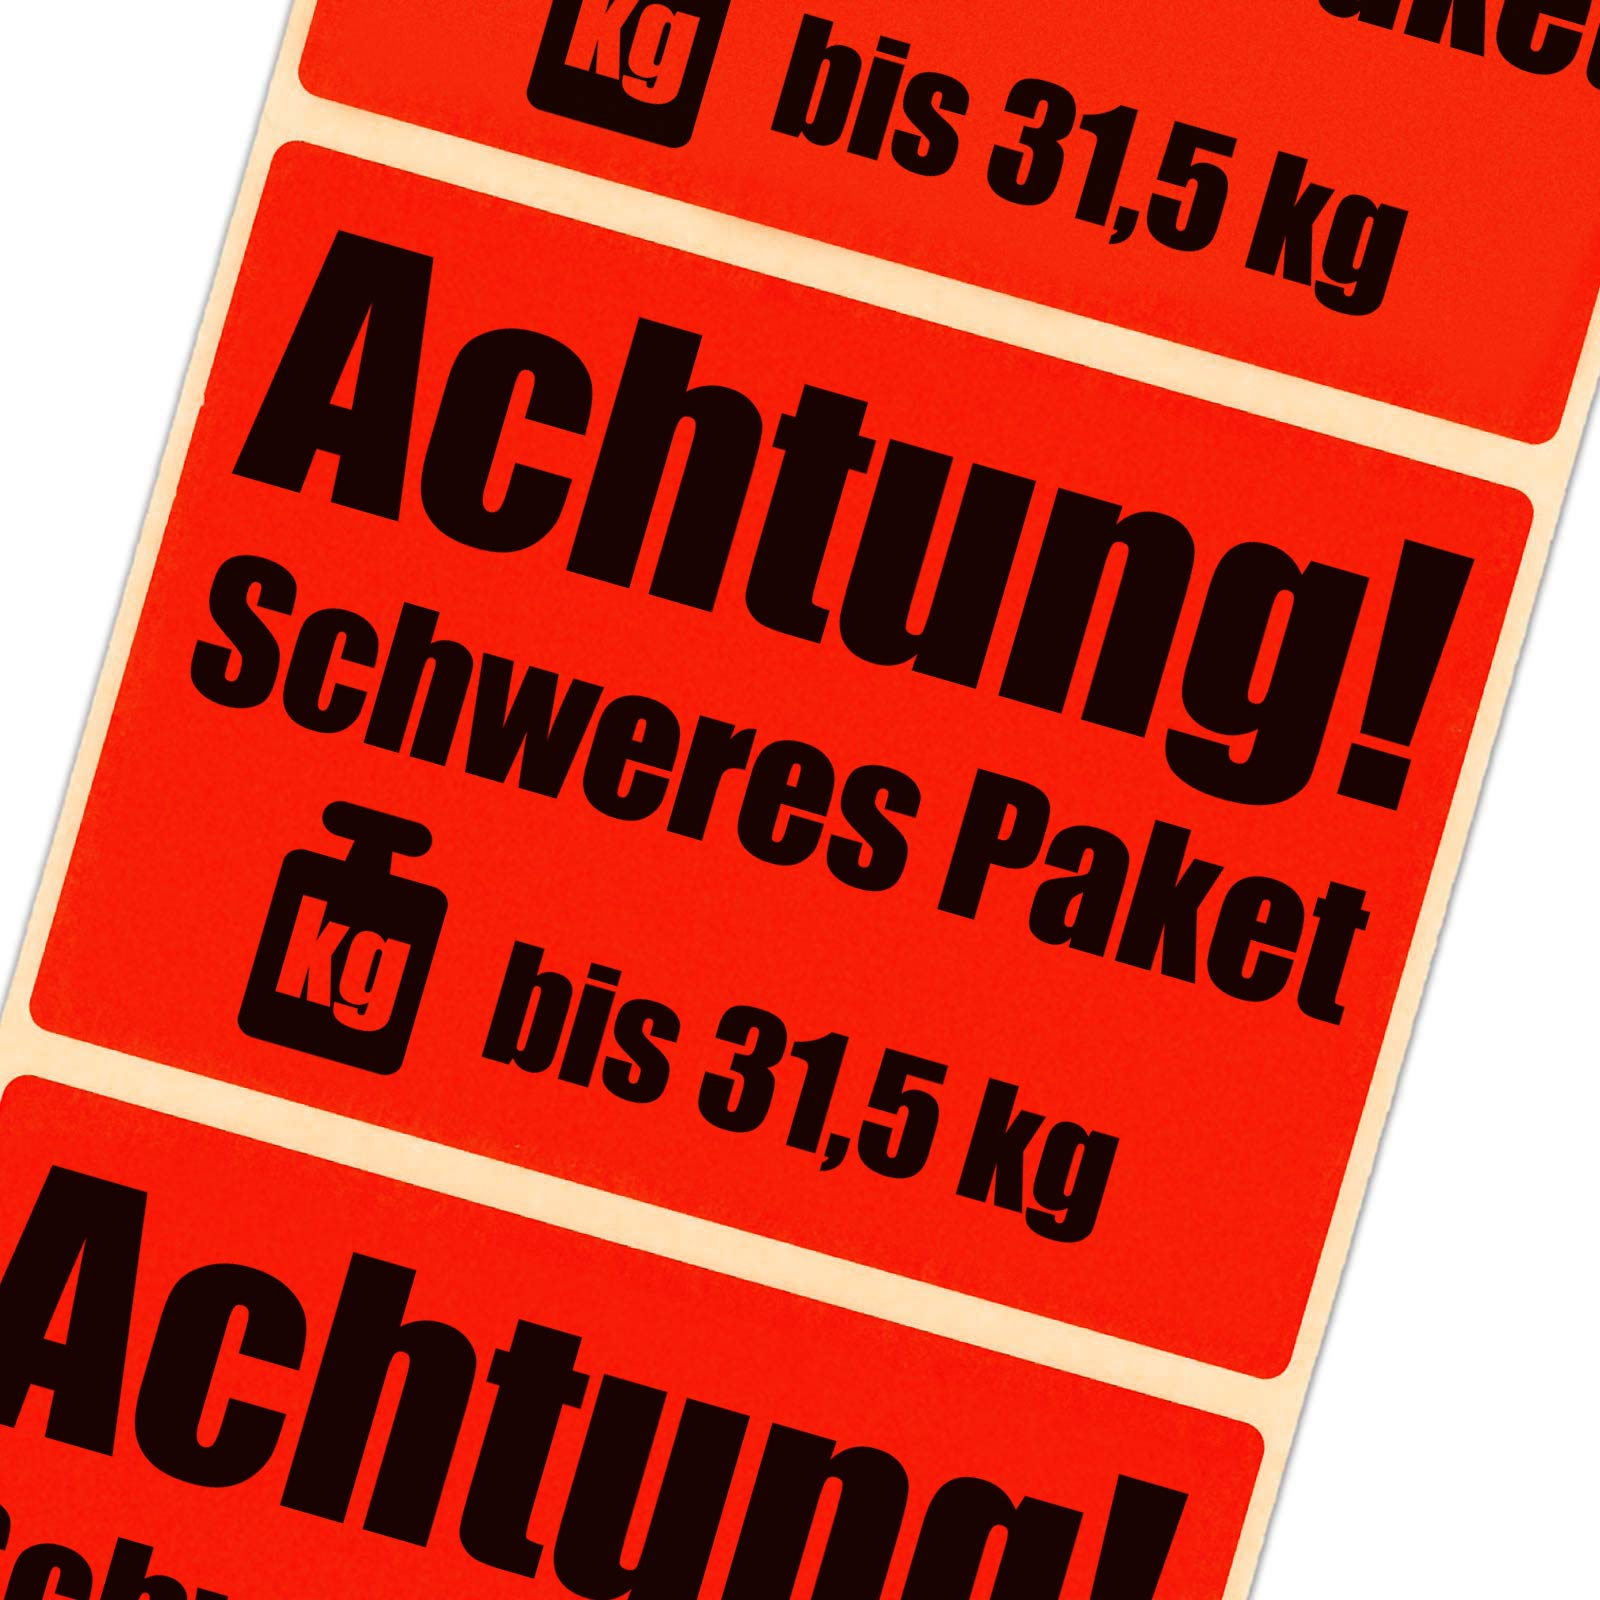 Etiketten Achtung Schweres Paket Bis 315 Kg Leuchtend Rot Haftpapier 105 X 72 Mm